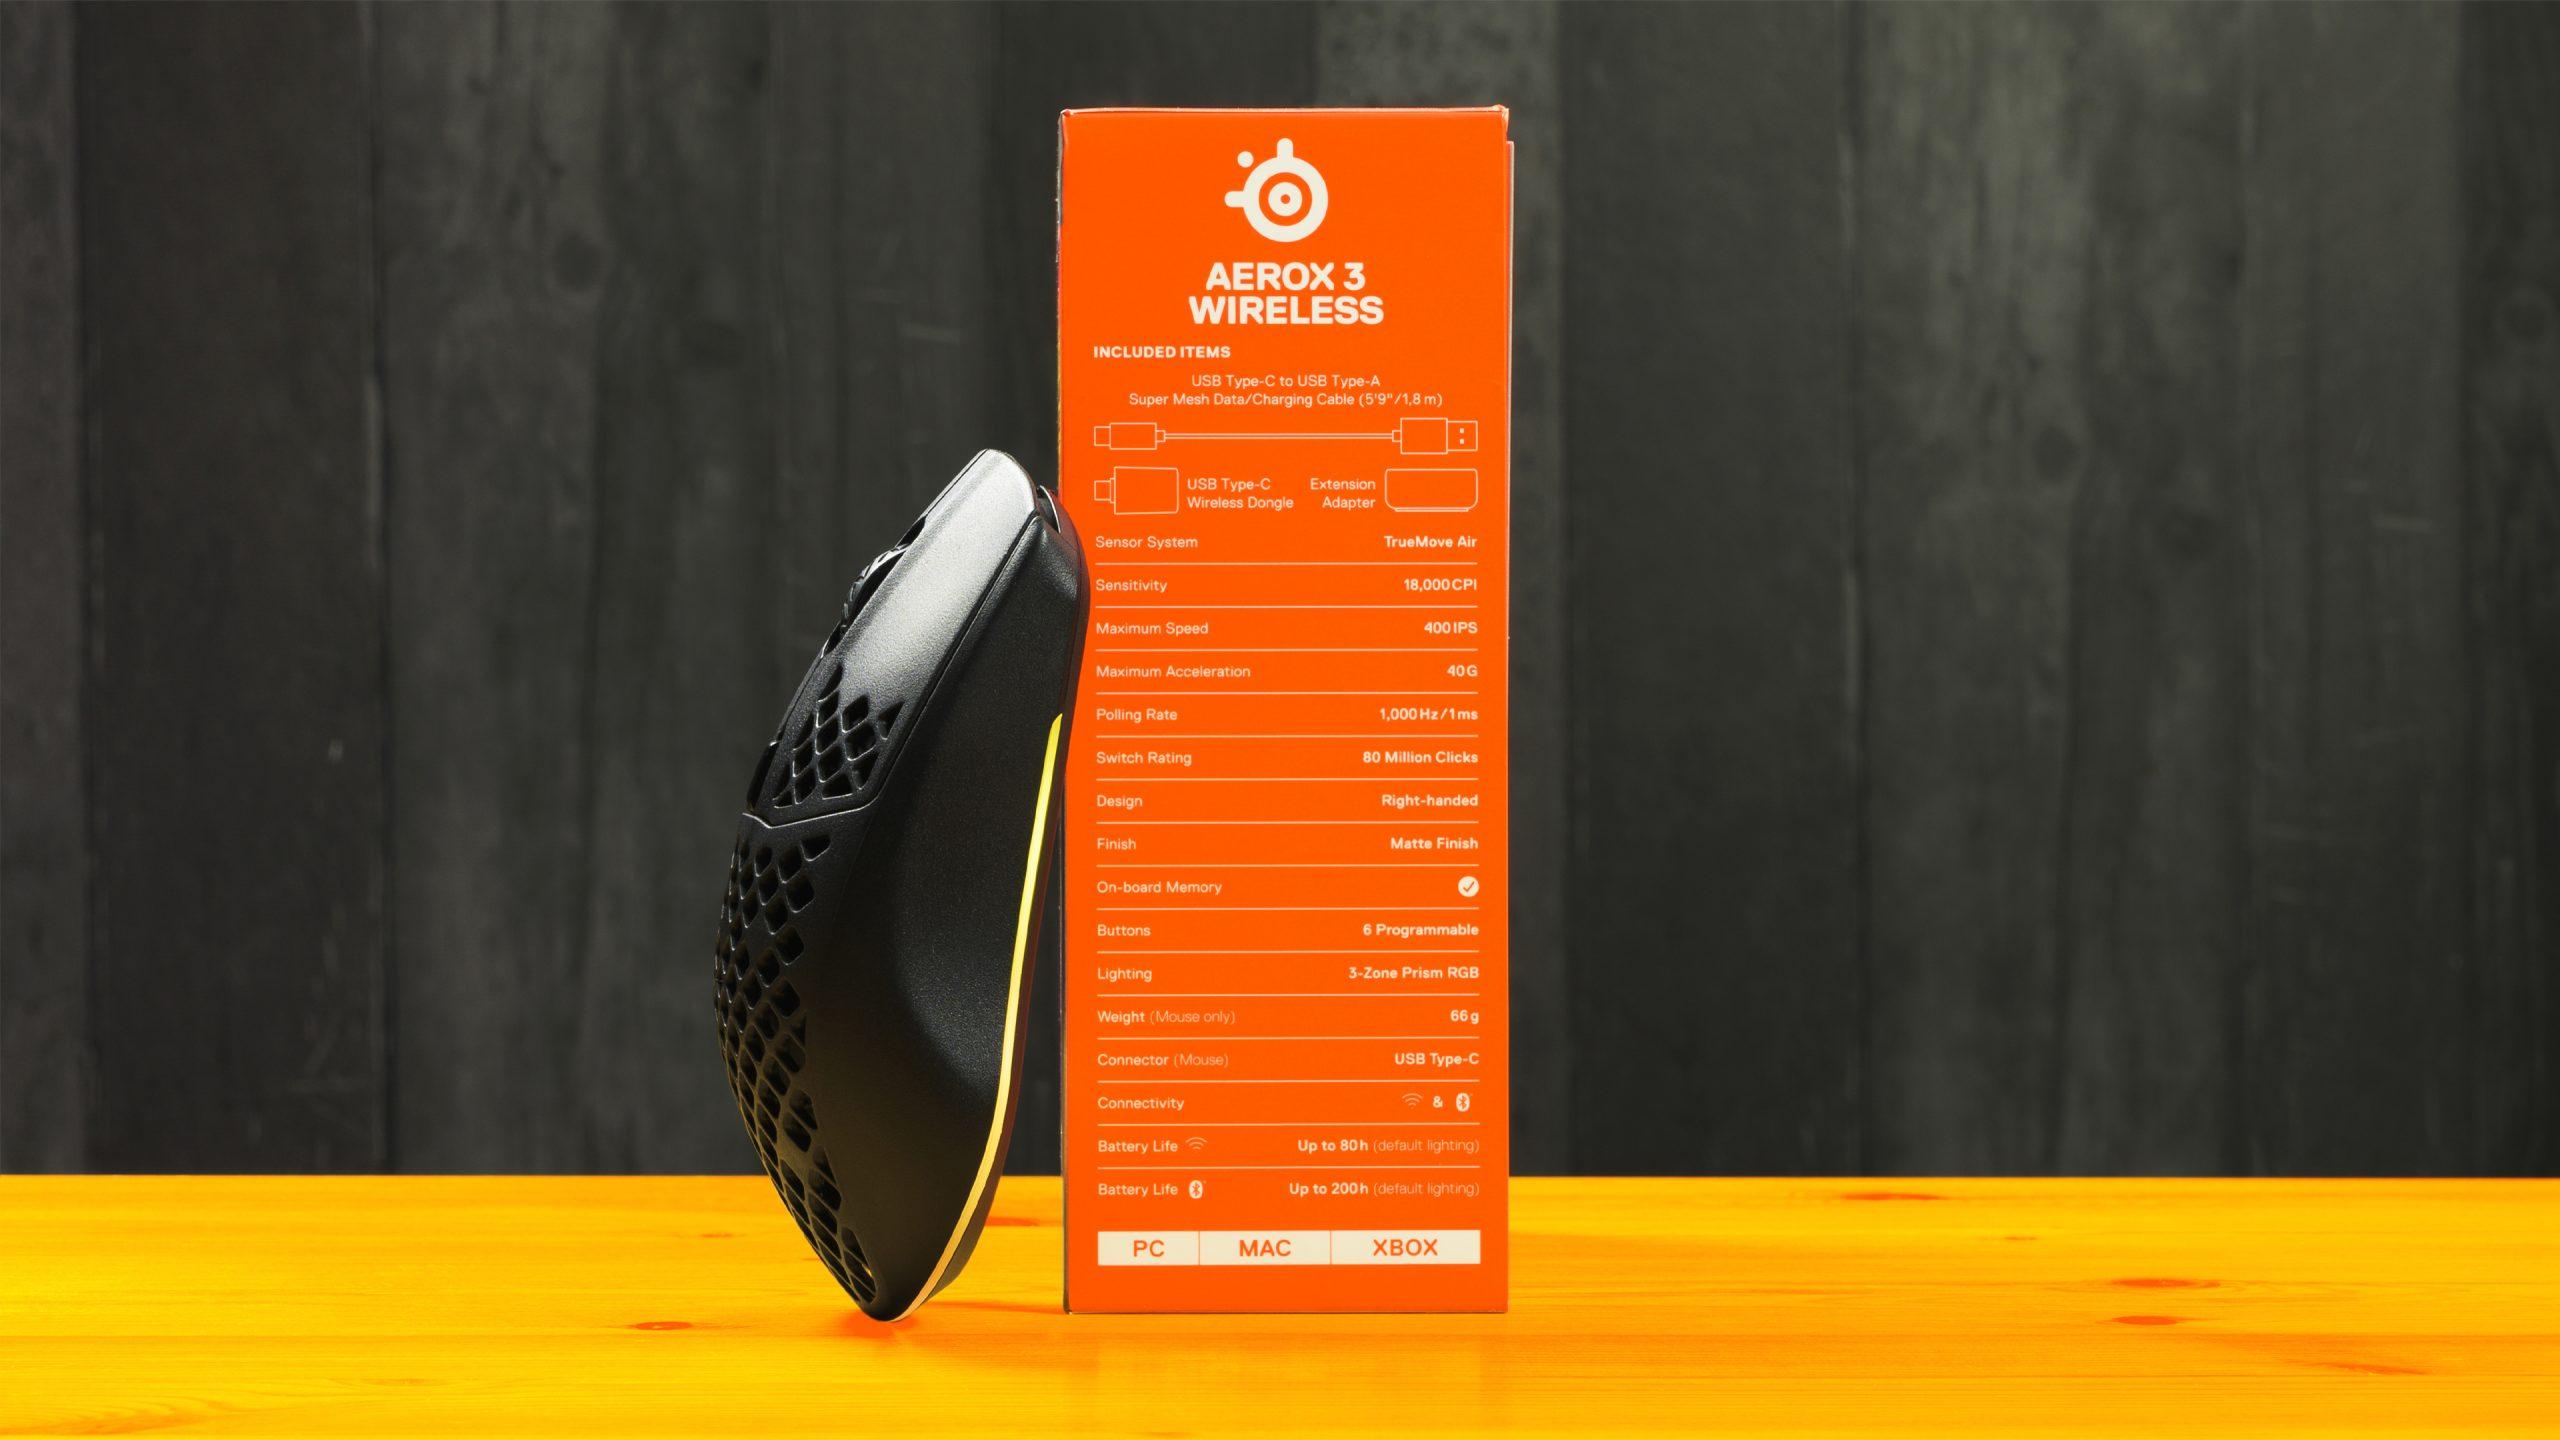 Foto van de Aerox 3 Wireless-muis van SteelSeries, leunend tegen zijn eigen originele doos.